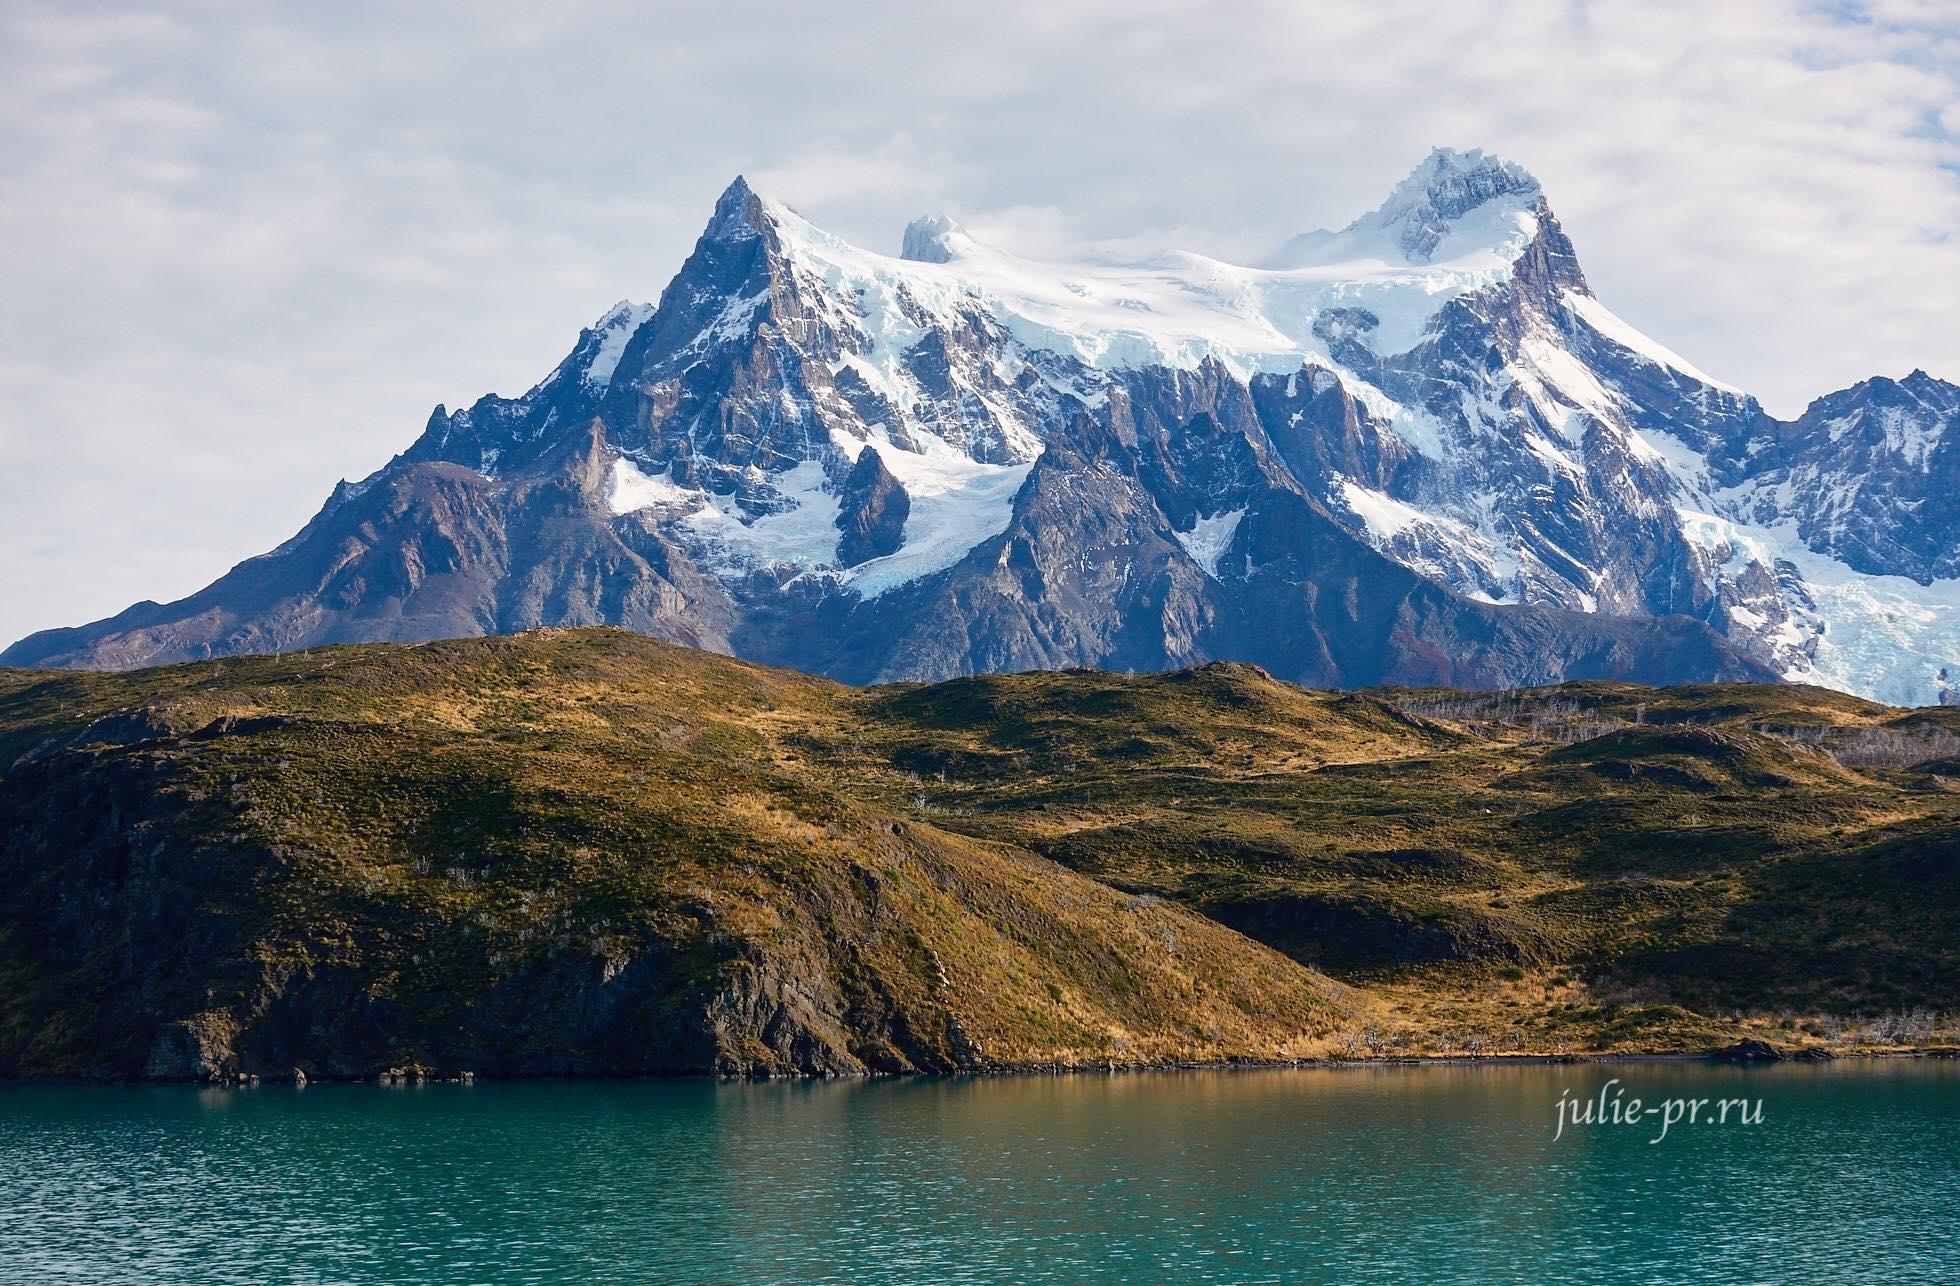 Чили, Патагония, Торрес-дель-Пайне, озеро Пеоэ